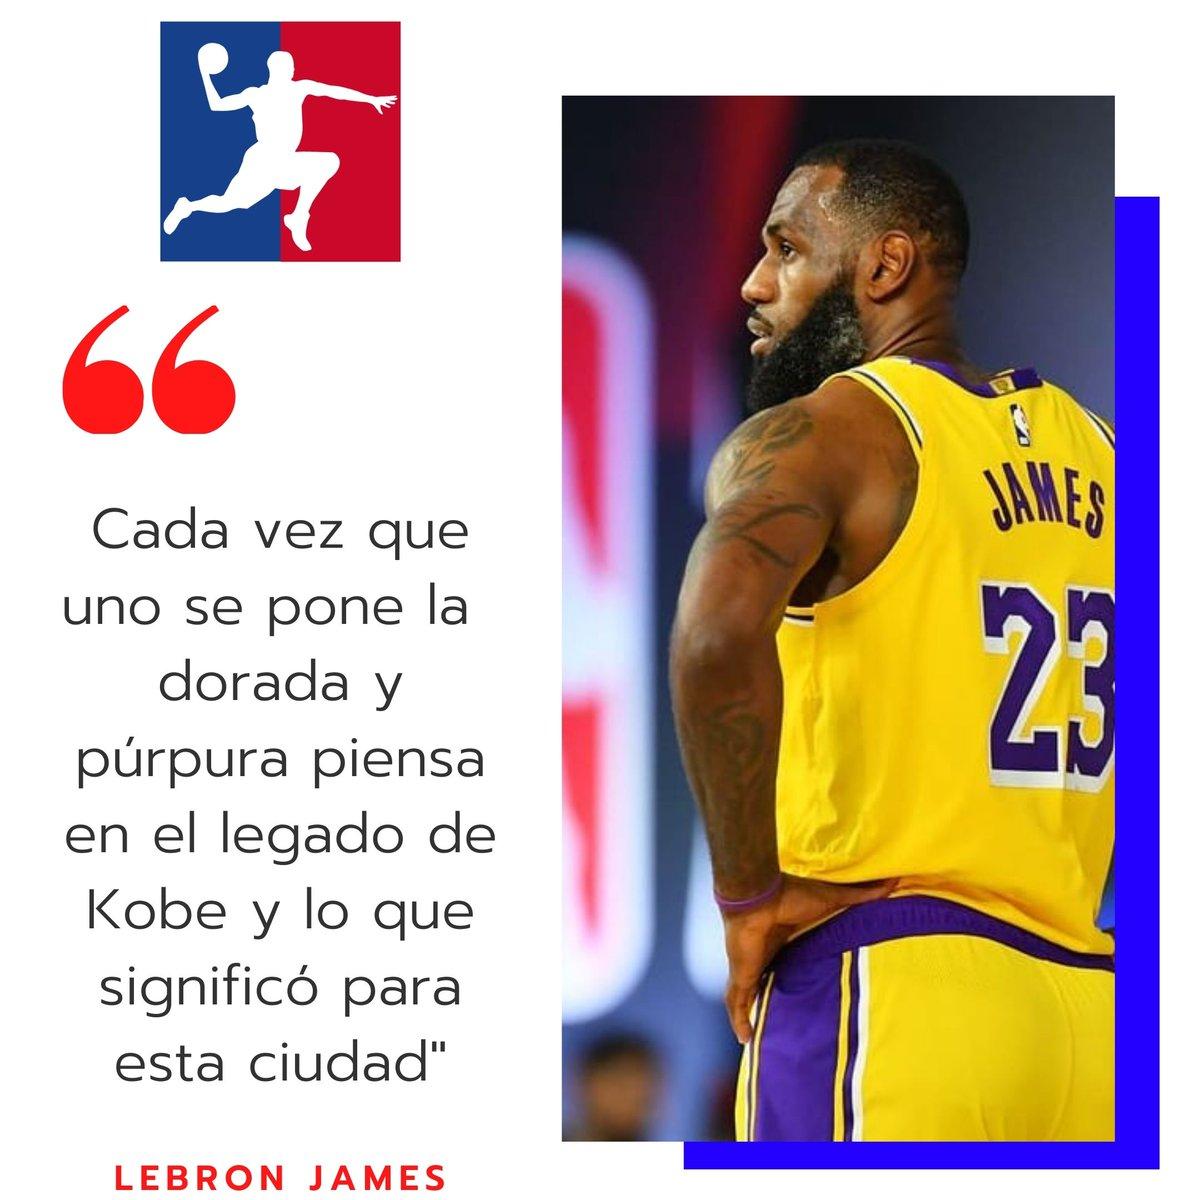 """Los Lakers van con motivación extra a las #NBAFinals y LeBron James lo tiene claro: """"Kobe Bryant"""" . #QuePasaNBA . #Lakers #LebronJames #James #Lebron #KobeBryant #Bryant #Kobe #LosAngelesLakers https://t.co/cytucNNgqq"""